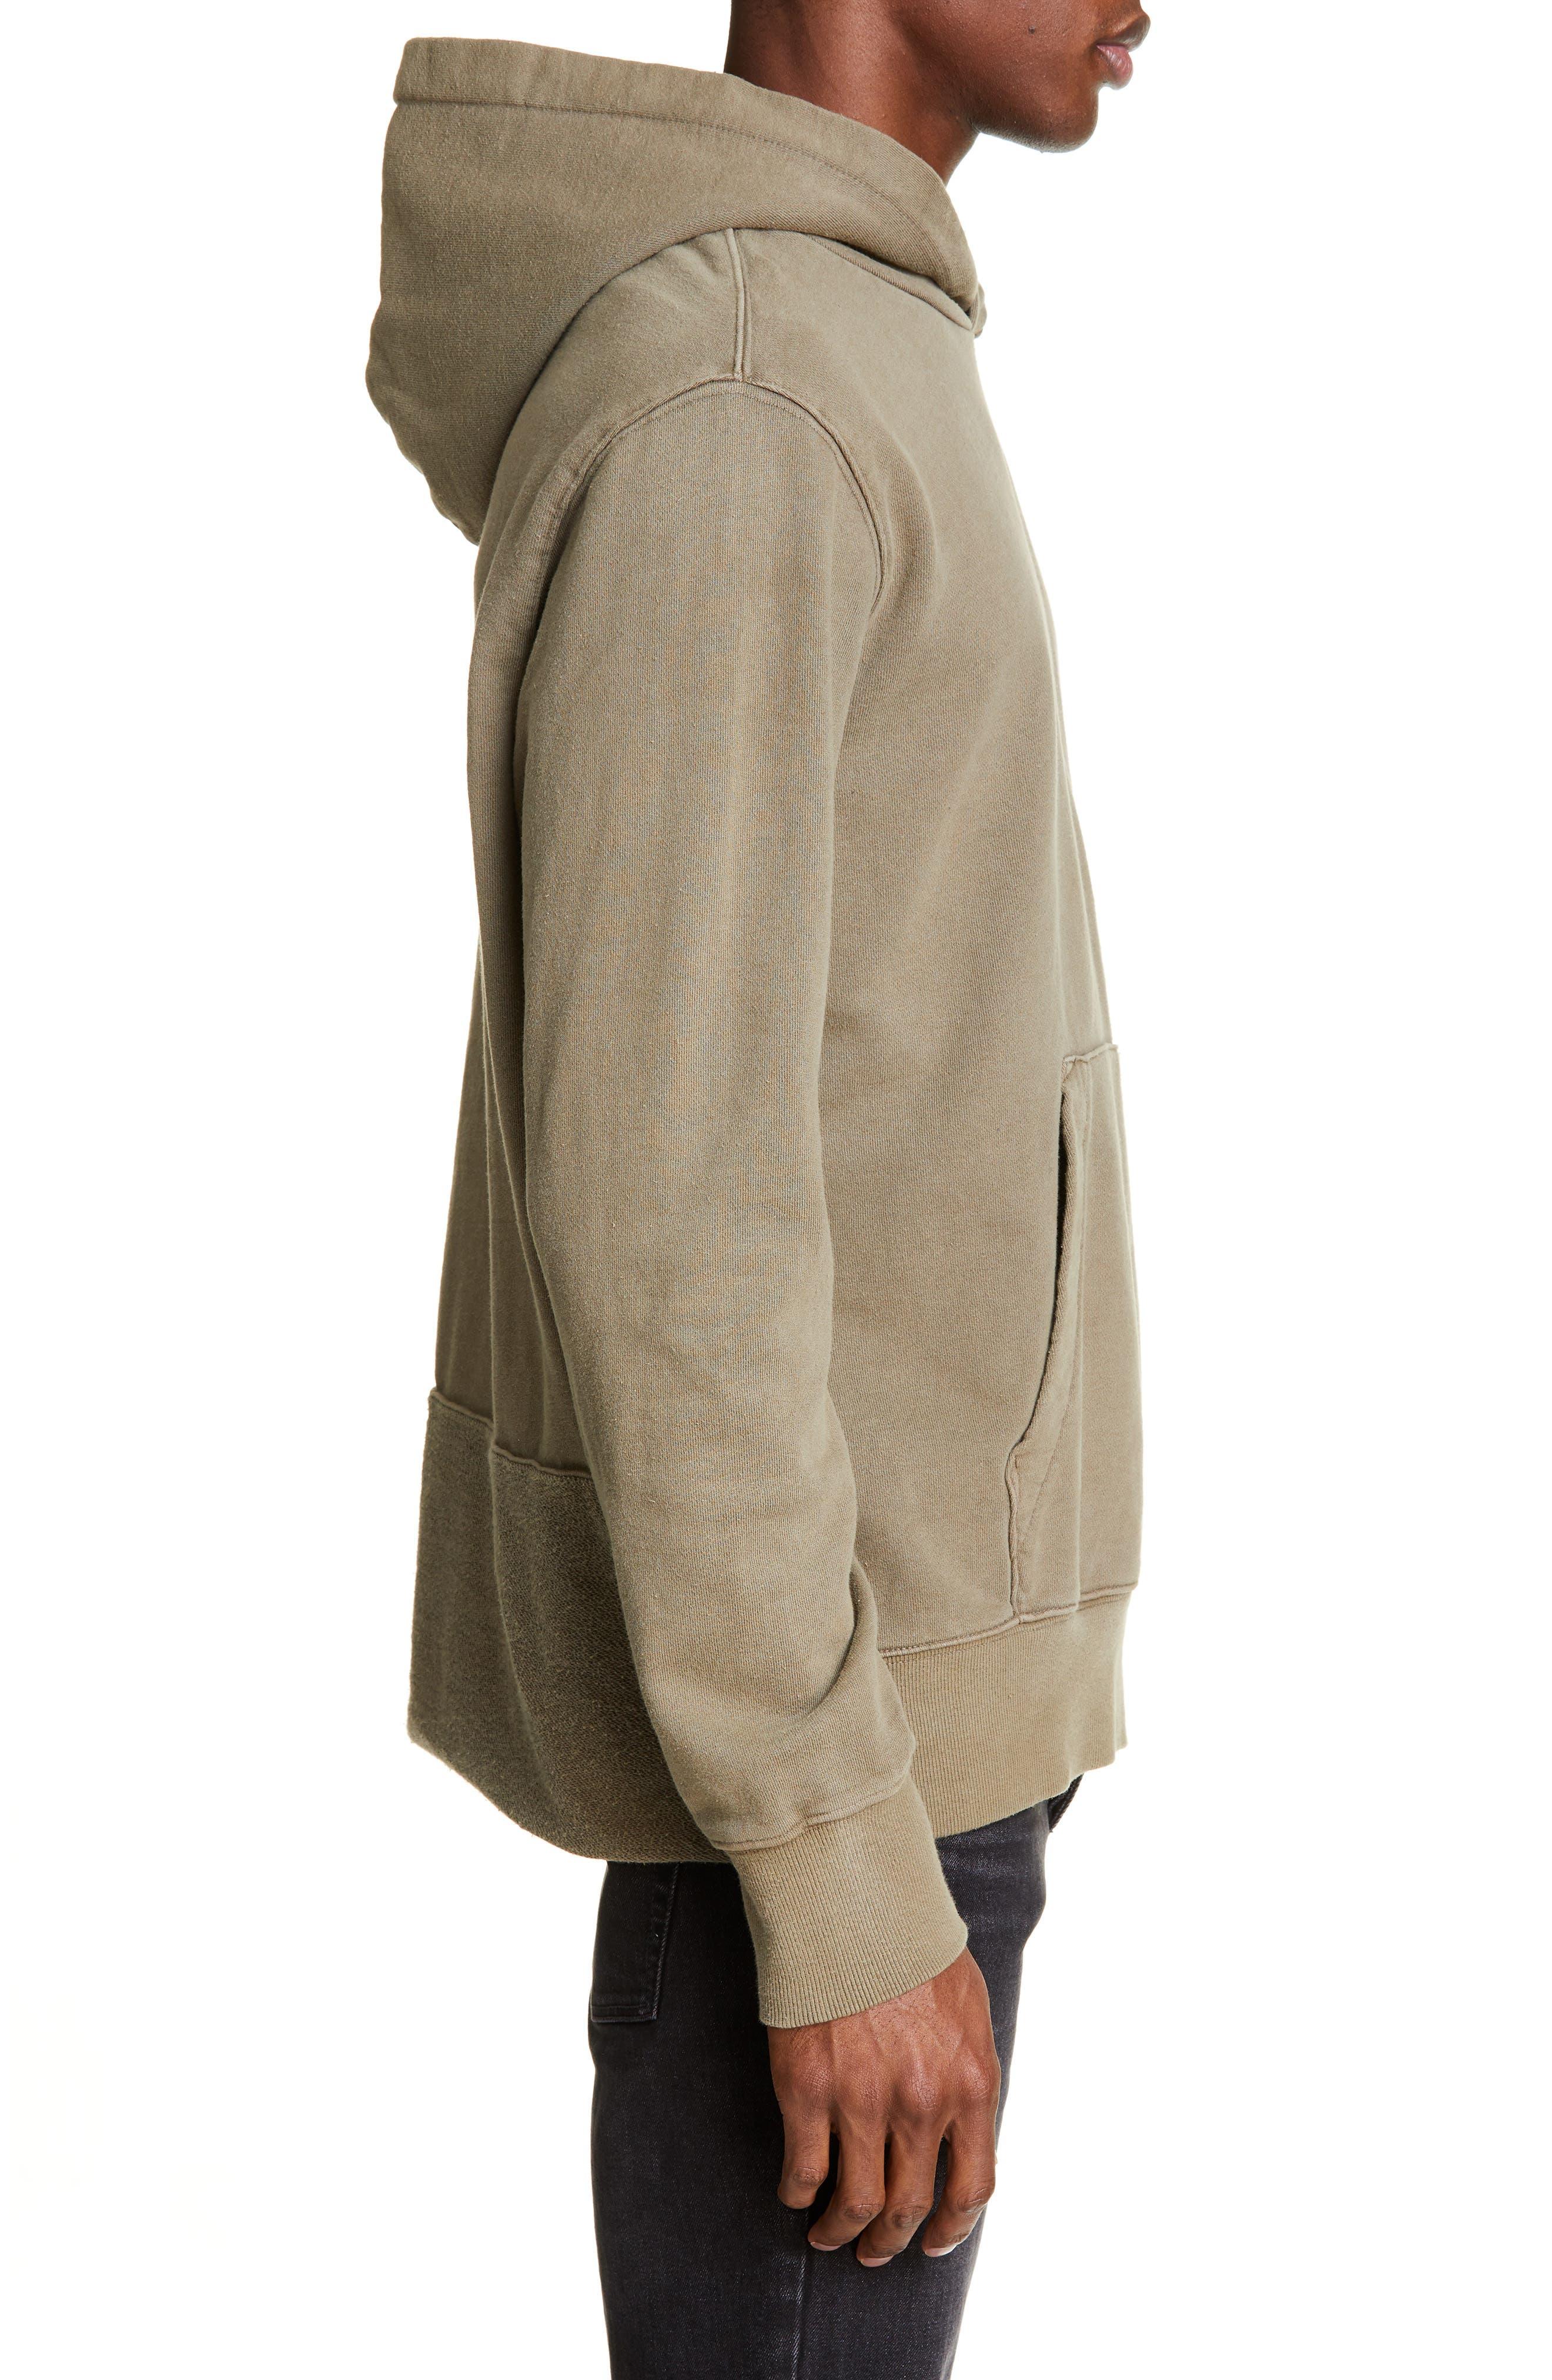 KSUBI, Seeing Lines Hooded Sweatshirt, Alternate thumbnail 3, color, BEIGE